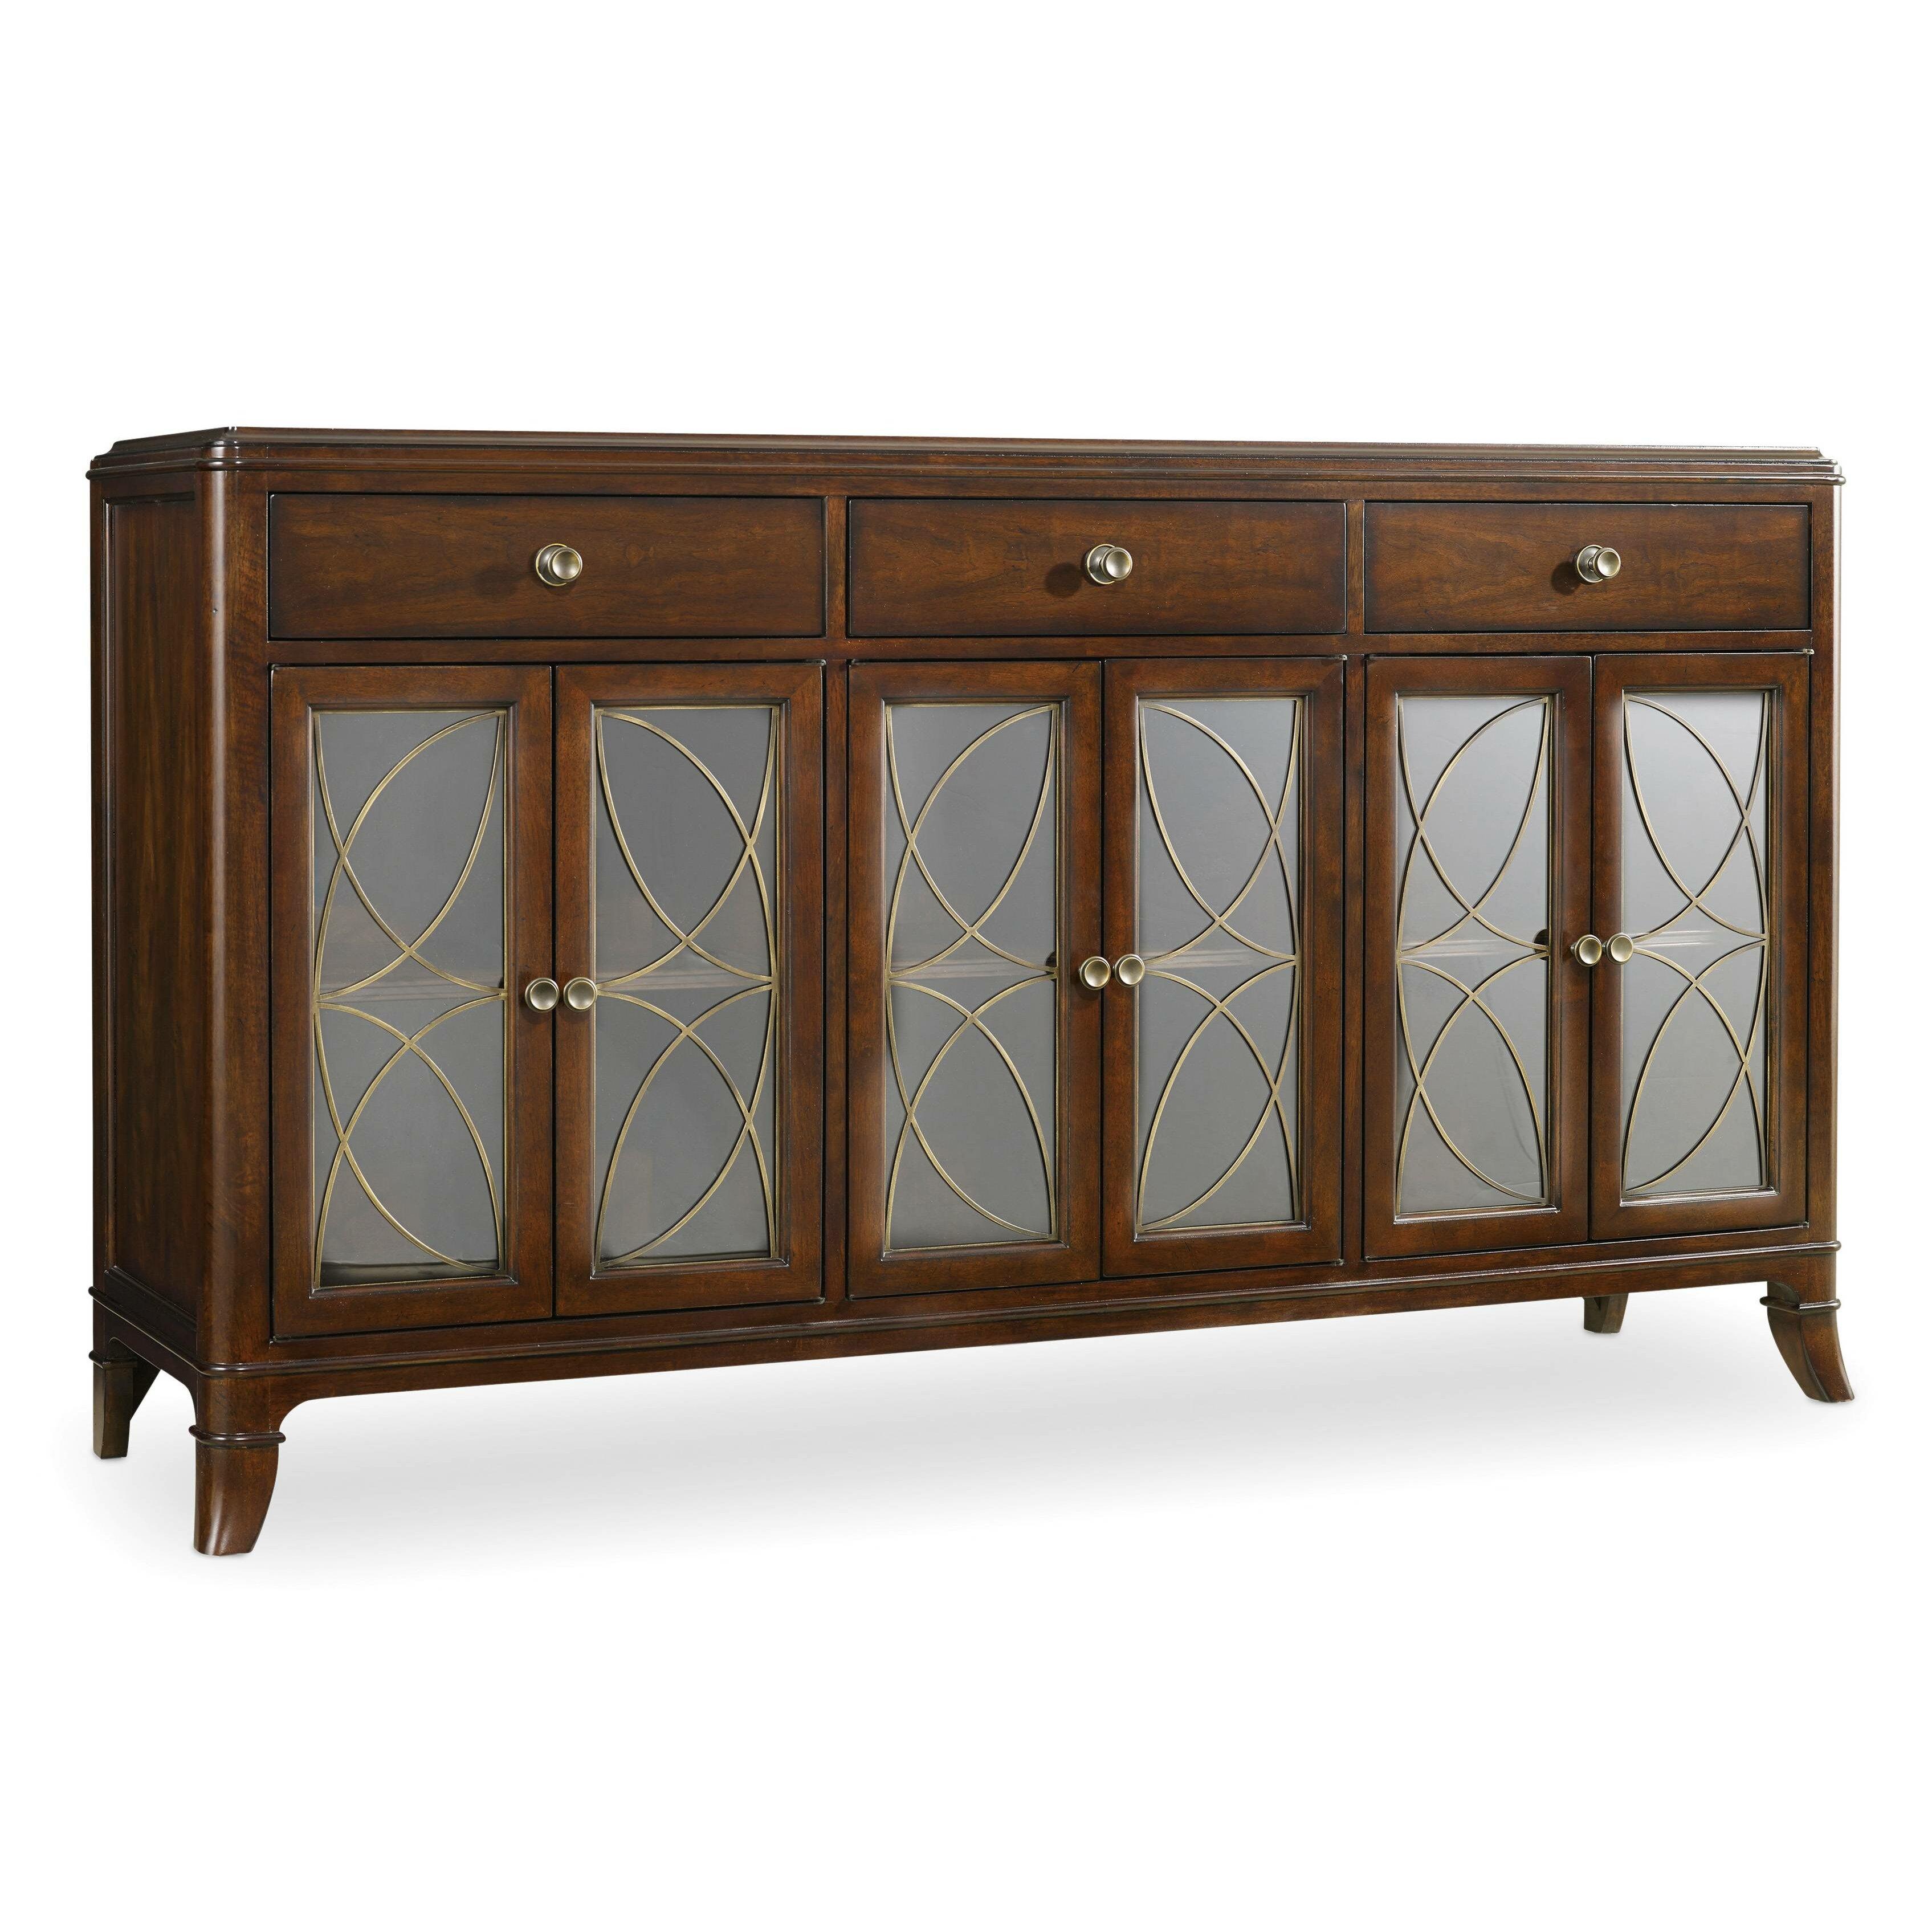 Hooker furniture palisade buffet reviews wayfair for Wayfair shop furniture